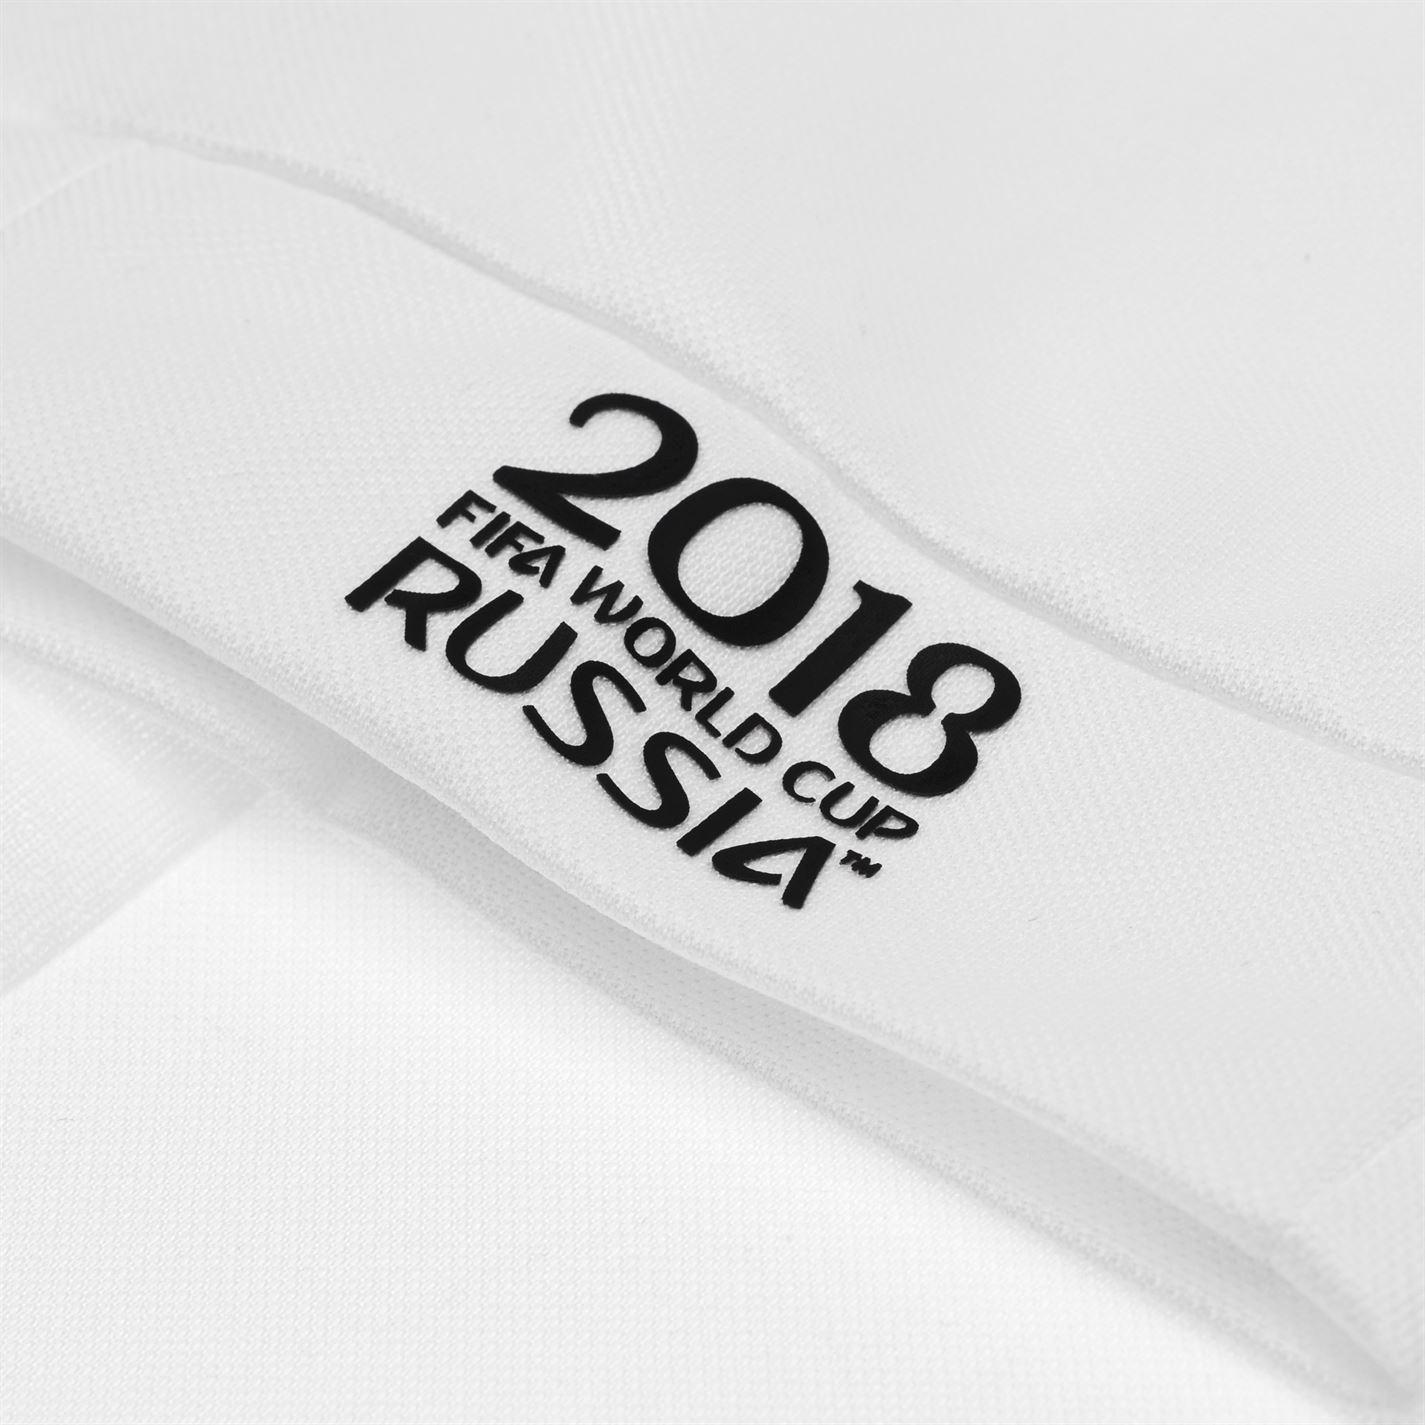 miniature 10 - FIFA Coupe du monde 2018 Angleterre T-Shirt Juniors FOOTBALL SOCCER top tee shirt